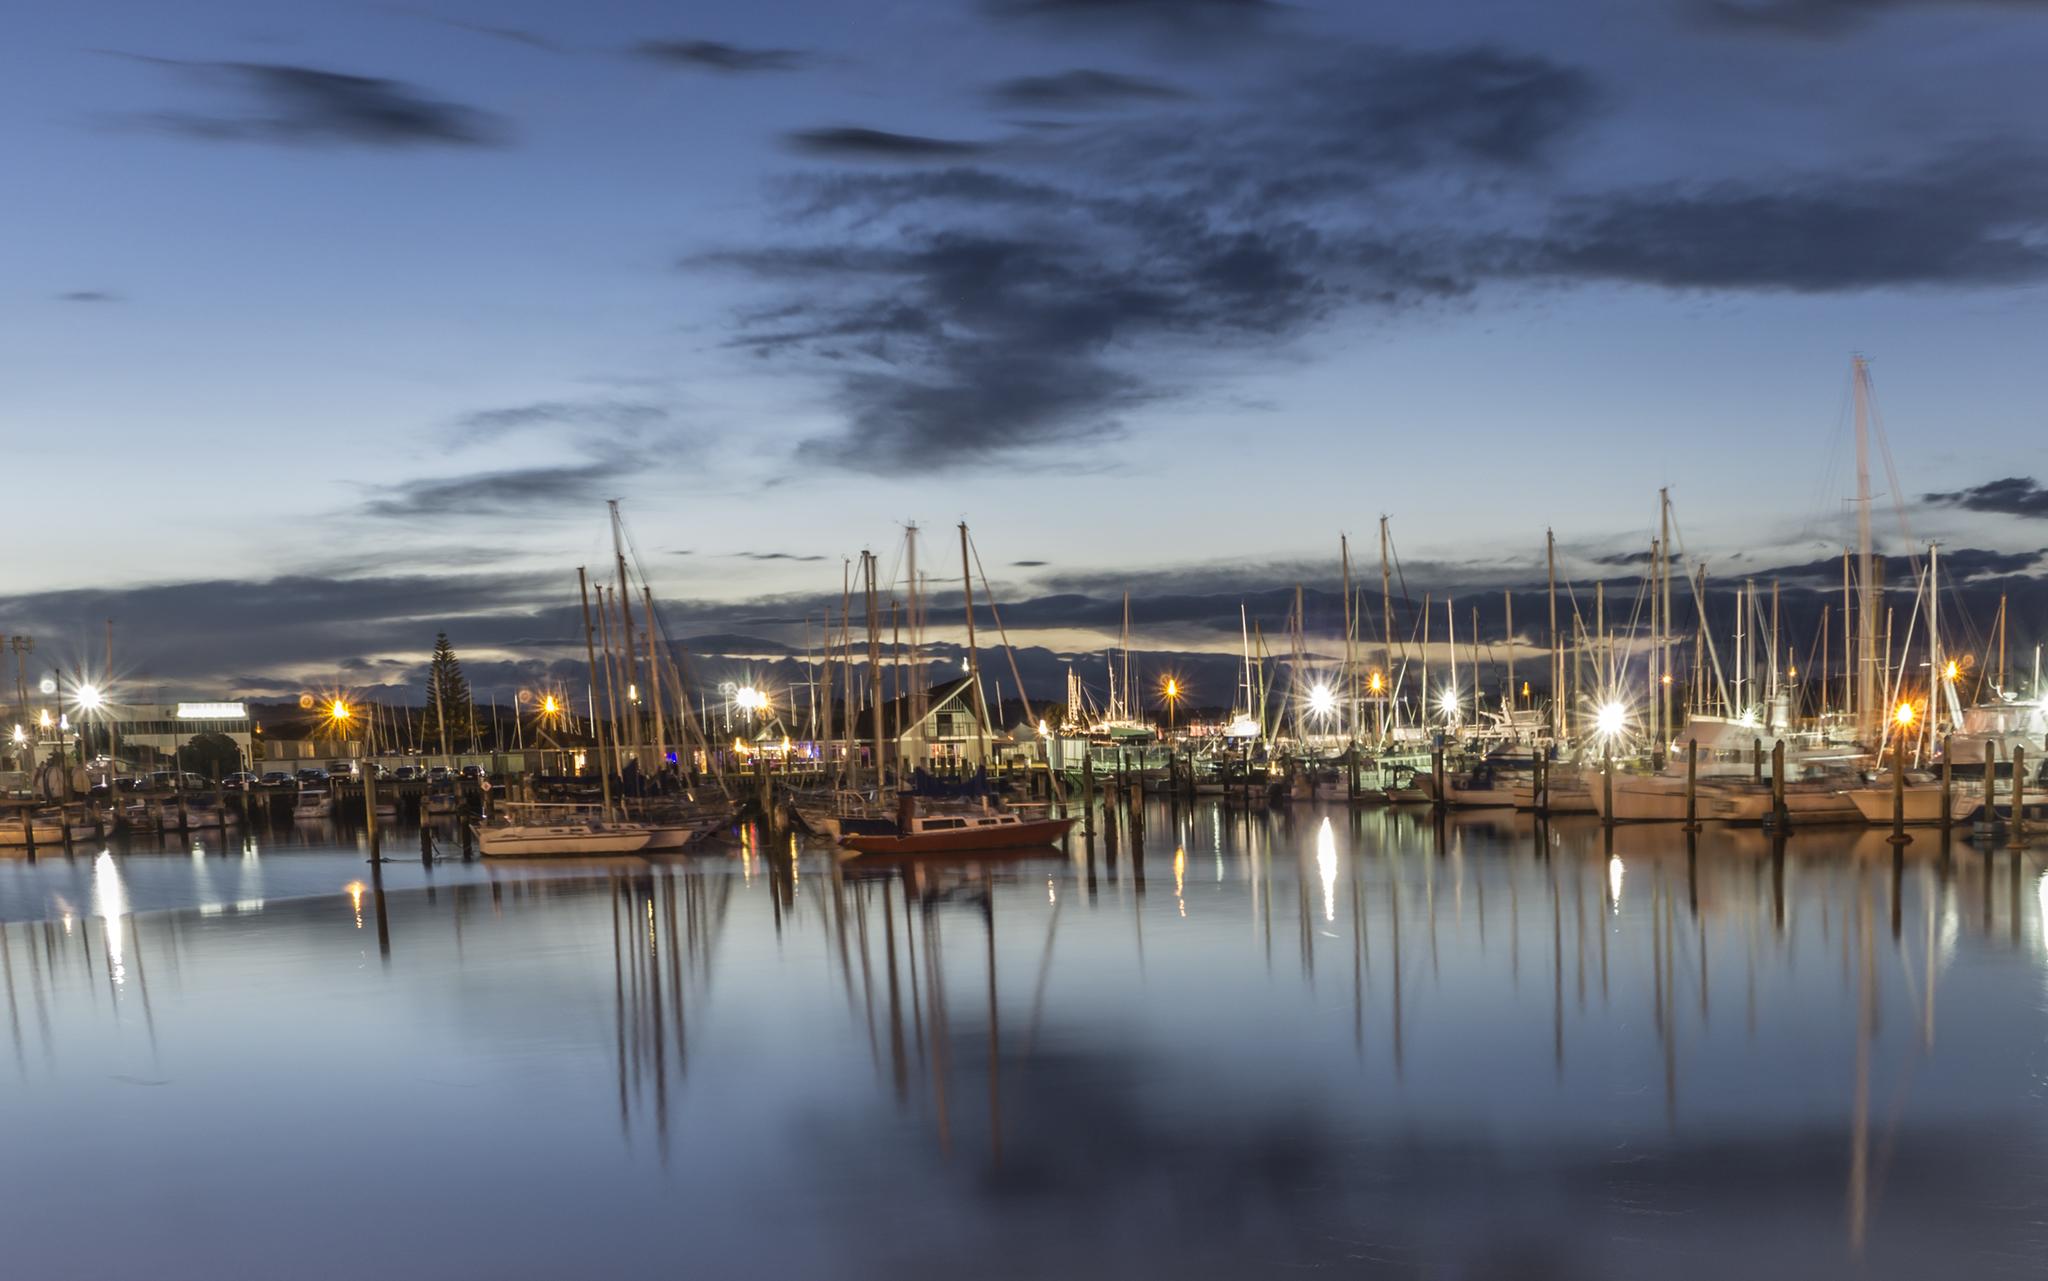 Napier marina